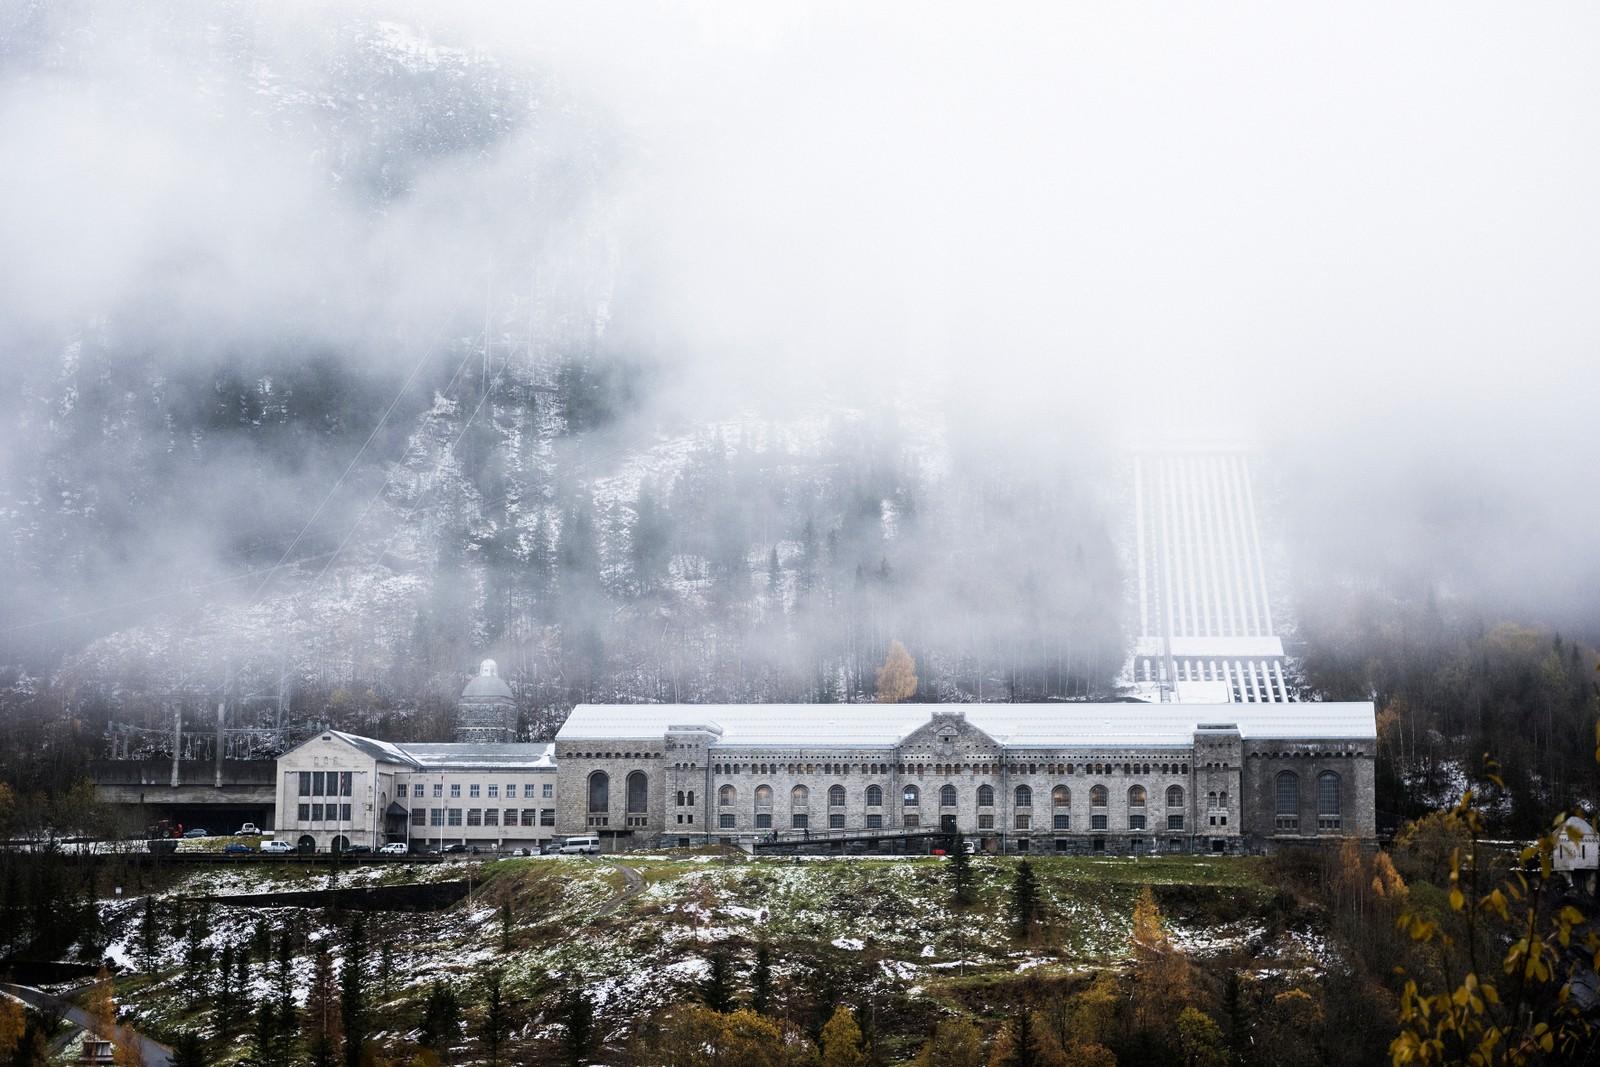 NOTODDEN OG RJUKAN: industristeder er fremragende eksempler på industrisamfunnene som vokste fram i Norge på begynnelsen av 1900-tallet. De representerer det store, industrielle gjennombruddet hvor sammenkoplingen av kraft, teknologi og kapital var avgjørende. Norsk Hydro på Rjukan